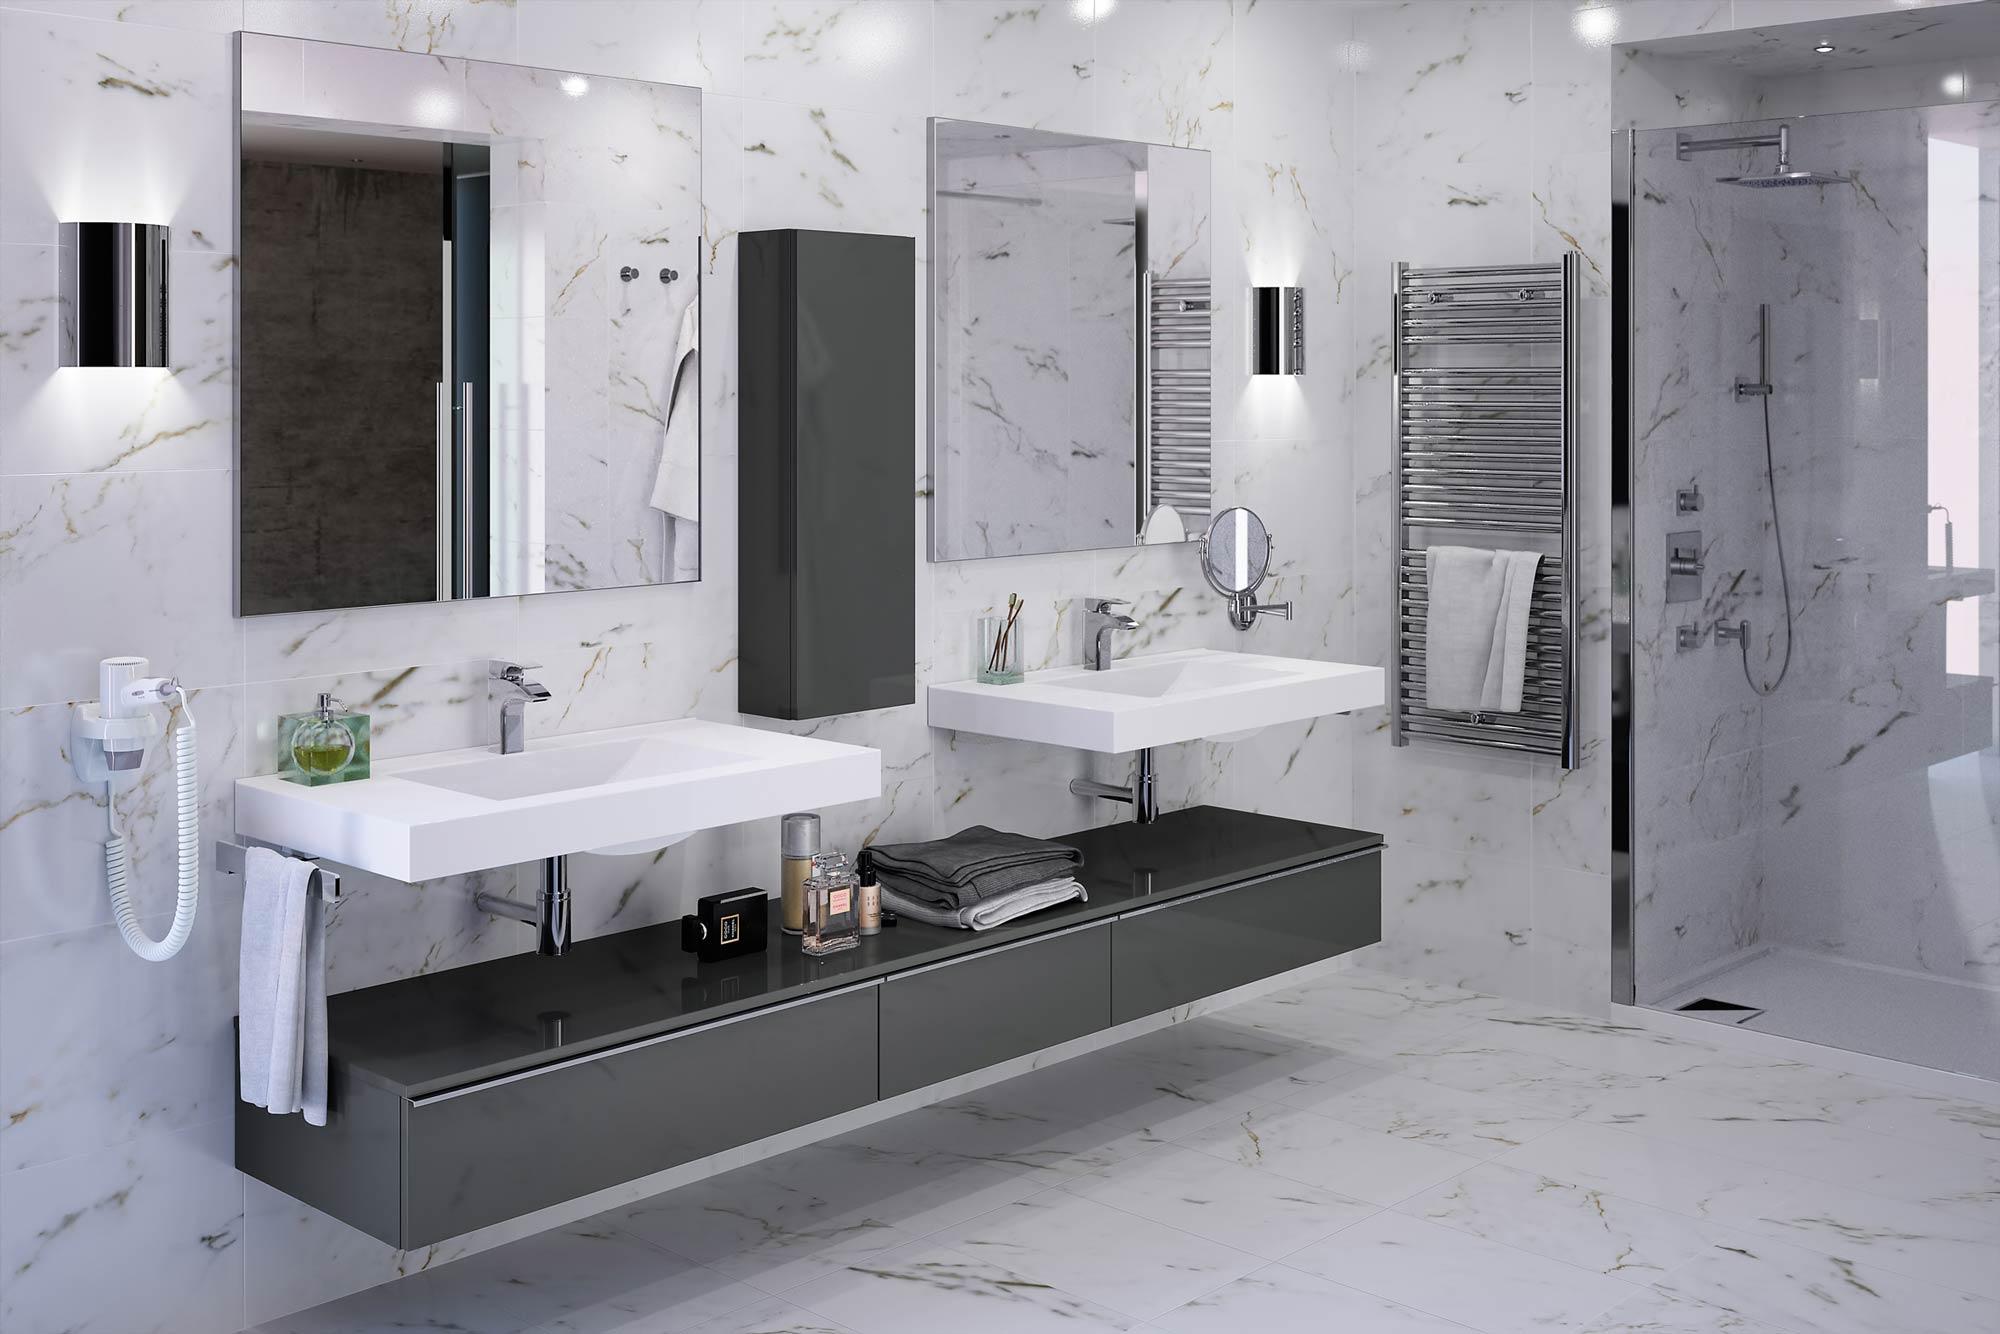 Extenso meubles de salle de bains baignoires fabricant fran ais cedam for Fabricants de meubles haut de gamme